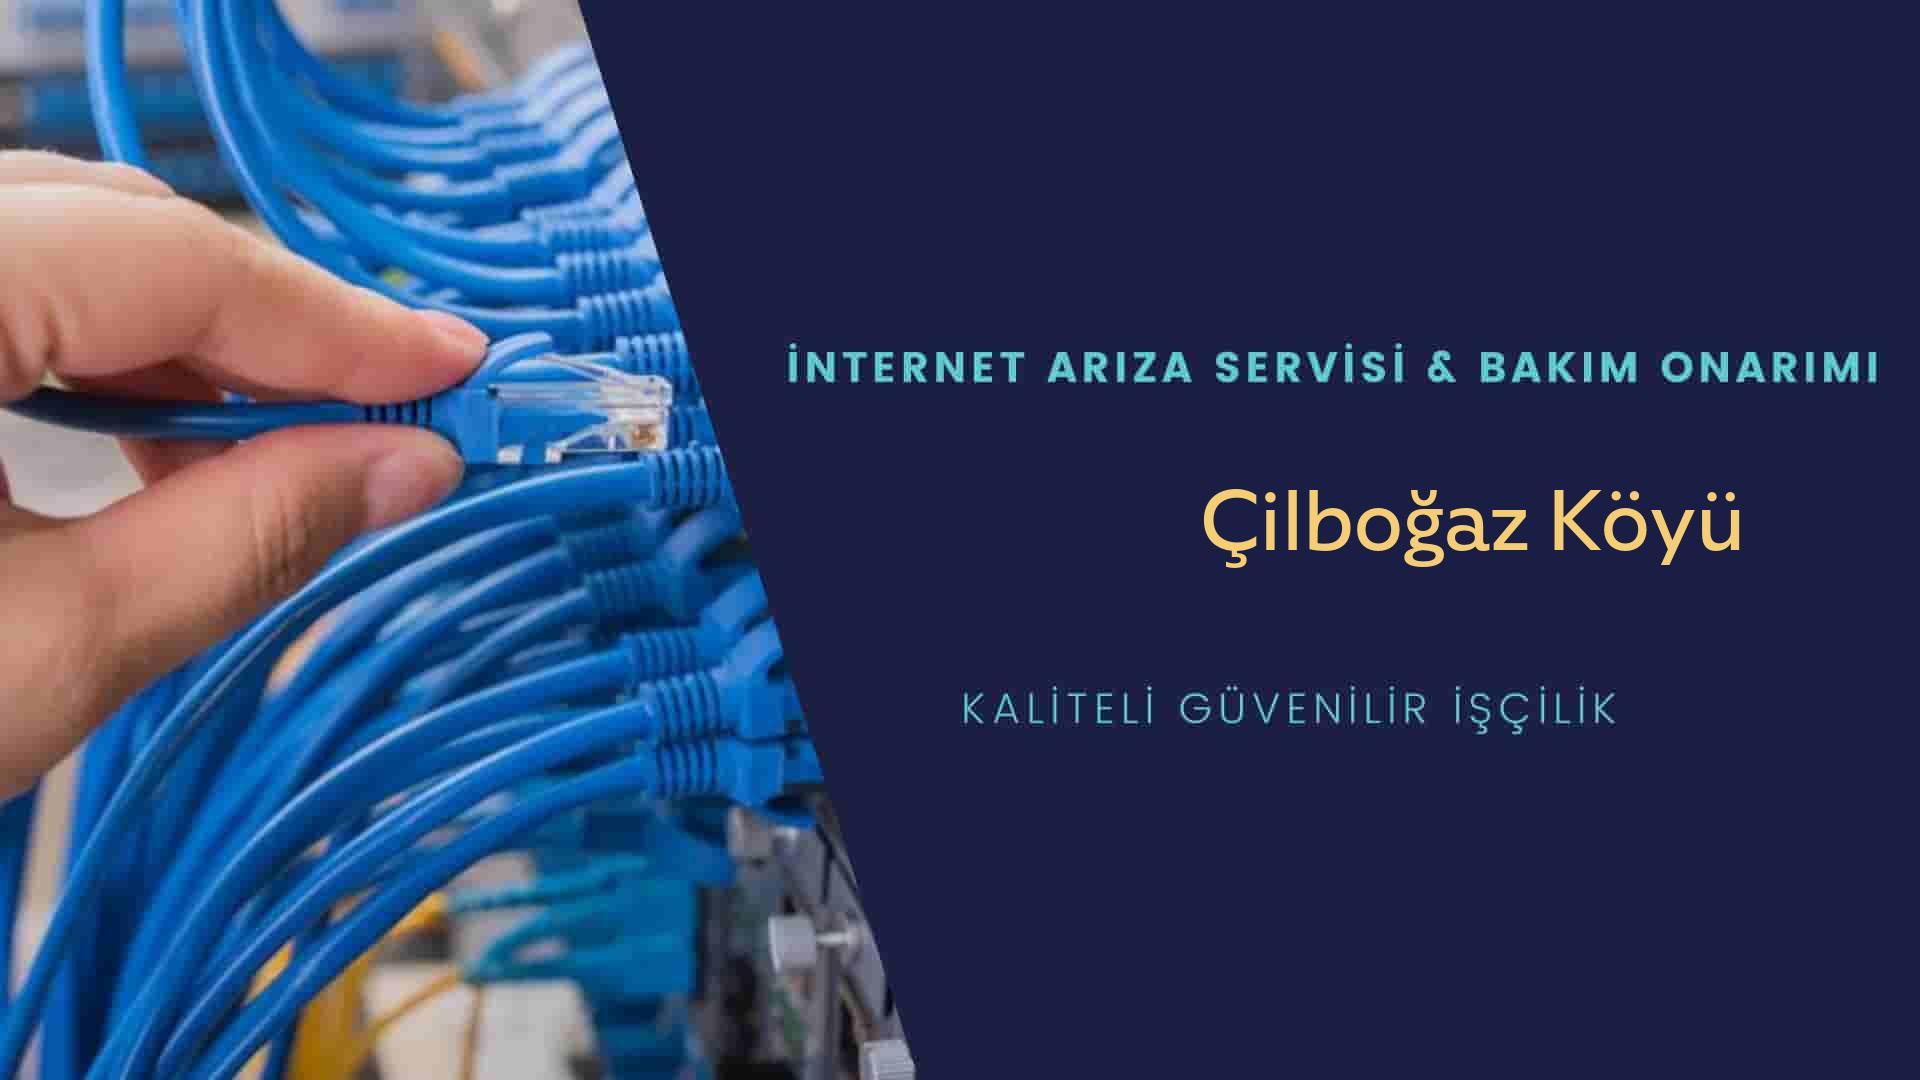 Çilboğaz Köyü internet kablosu çekimi yapan yerler veya elektrikçiler mi? arıyorsunuz doğru yerdesiniz o zaman sizlere 7/24 yardımcı olacak profesyonel ustalarımız bir telefon kadar yakındır size.